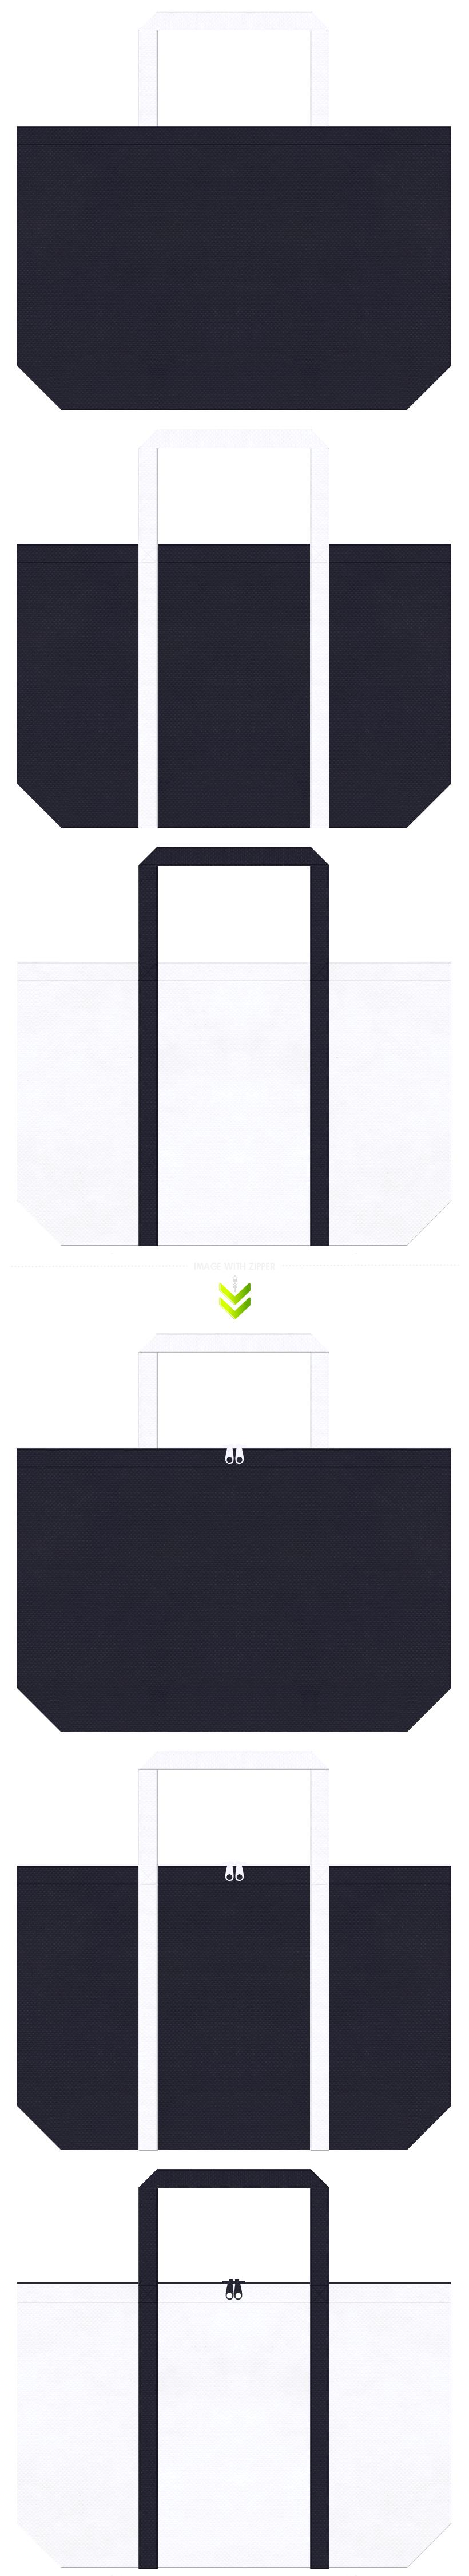 天体観測・プラネタリウム・野外コンサート・星空・天文・アクアリム・水産・海運・船舶・潜水艦・港湾・マリンルック・クルージング・ヨット・ボート・マリンスポーツ用品のショッピングバッグにお奨めの不織布バッグデザイン:濃紺色と白色のコーデ